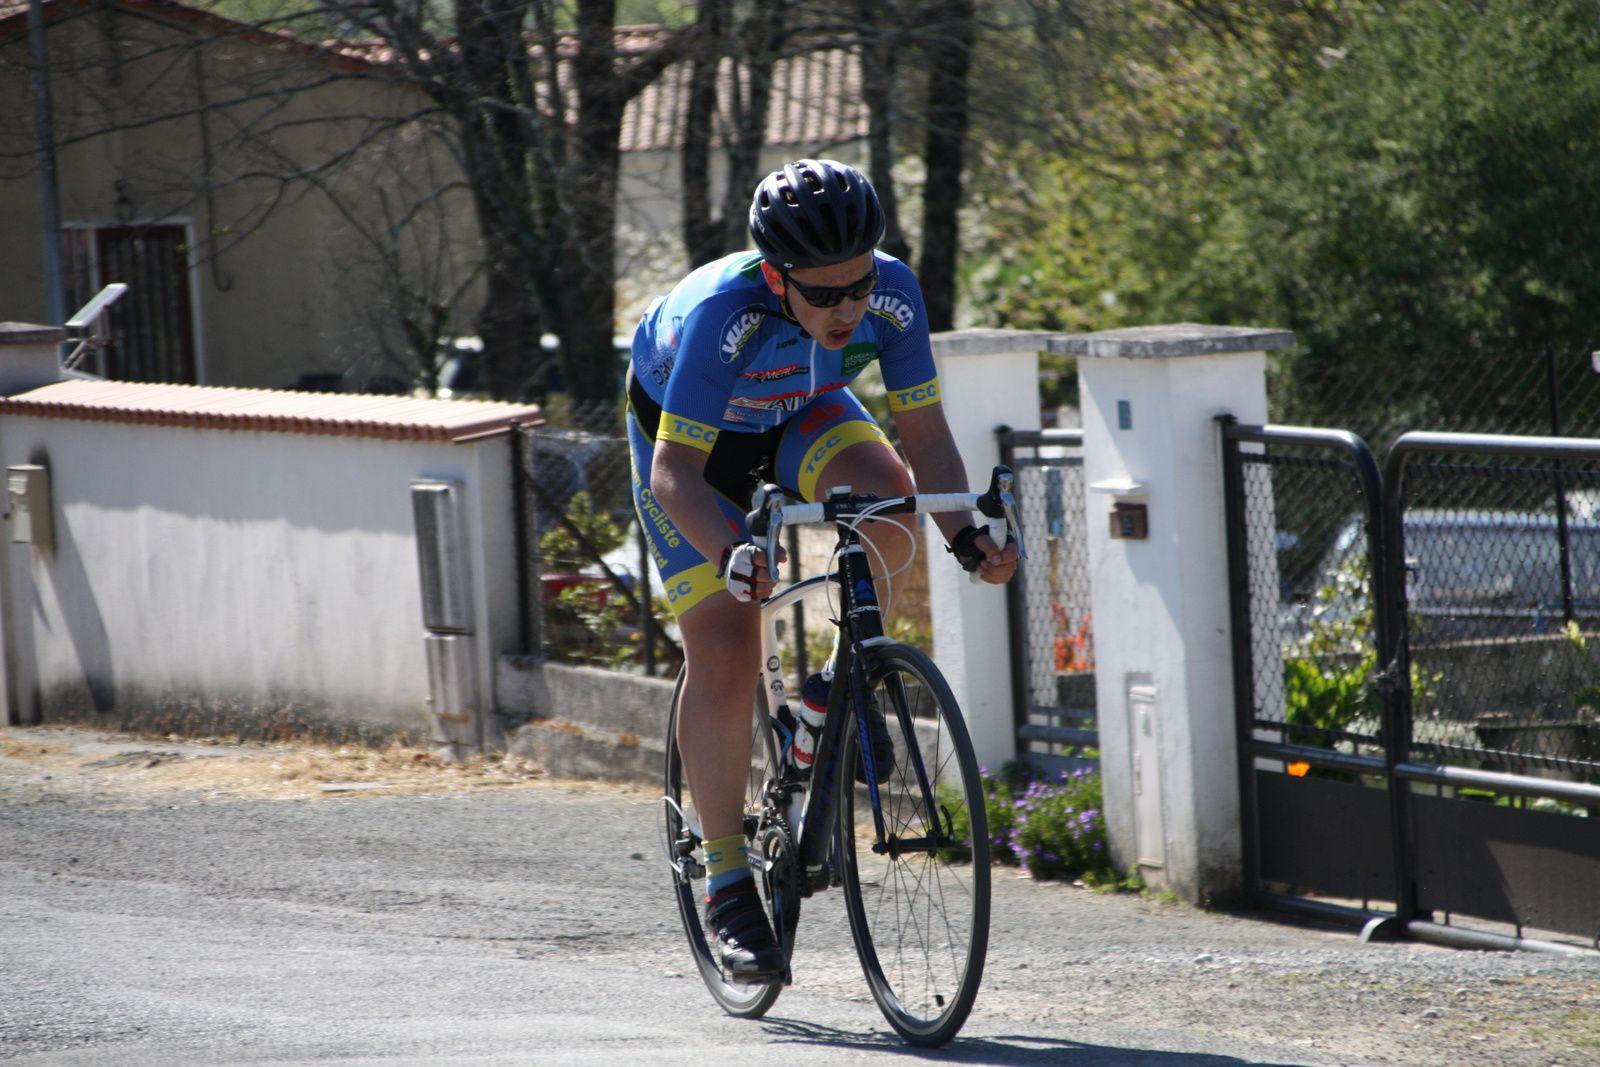 """L'ancien  du  coureur  du  Côte de Beauté C  et  le  vice  champion  de  france  de  cyclo-cross  ont  1'30""""  sur  le  premier  groupe"""